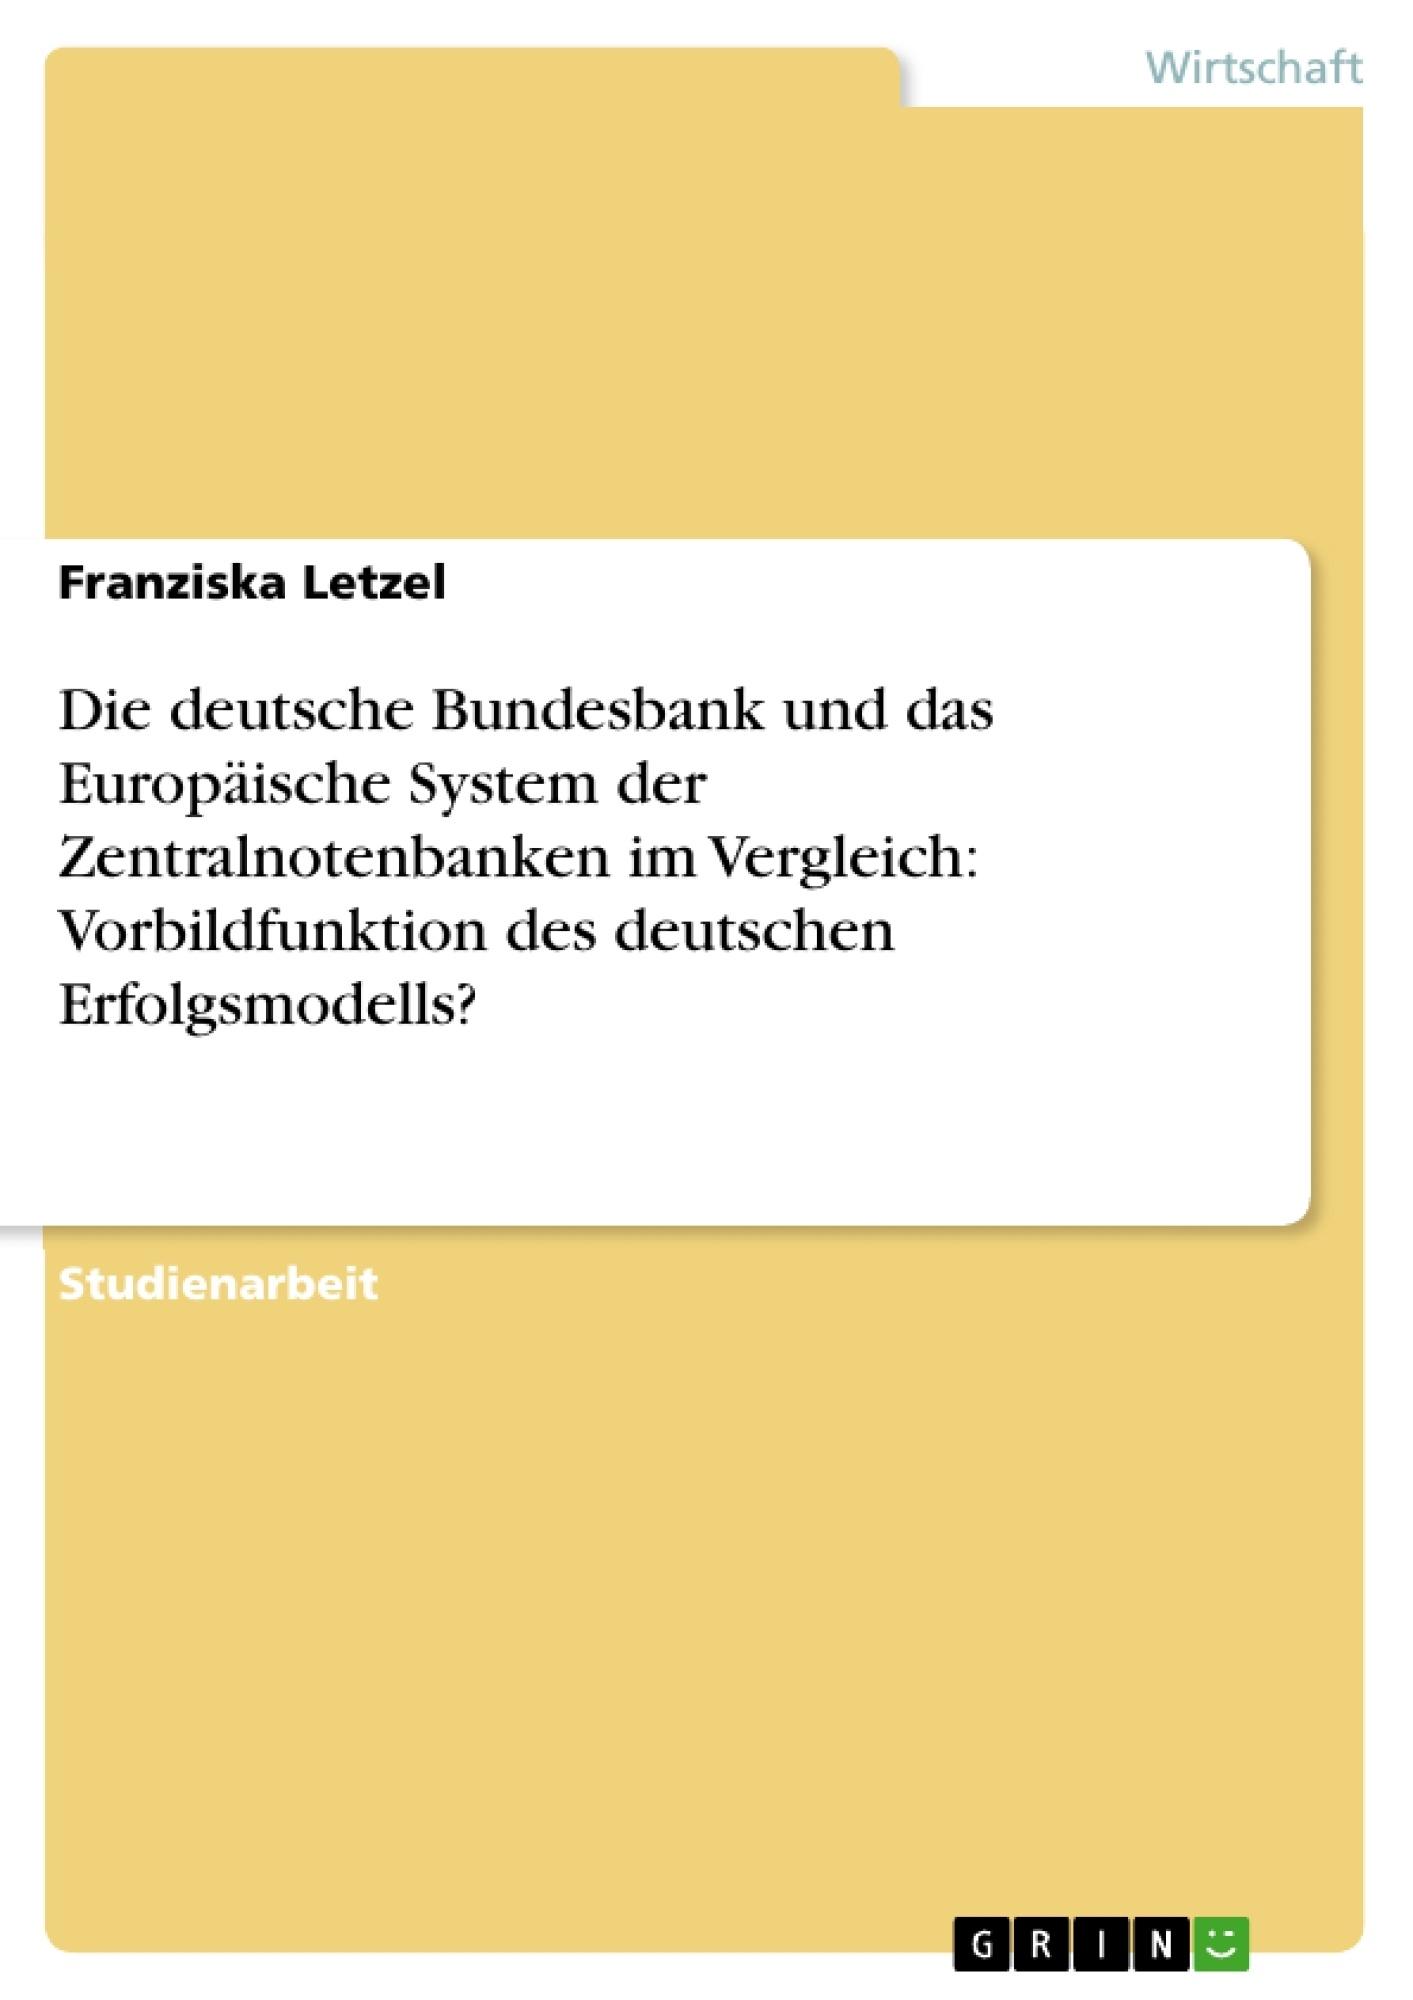 Titel: Die deutsche Bundesbank und das Europäische System der Zentralnotenbanken im Vergleich: Vorbildfunktion des deutschen Erfolgsmodells?